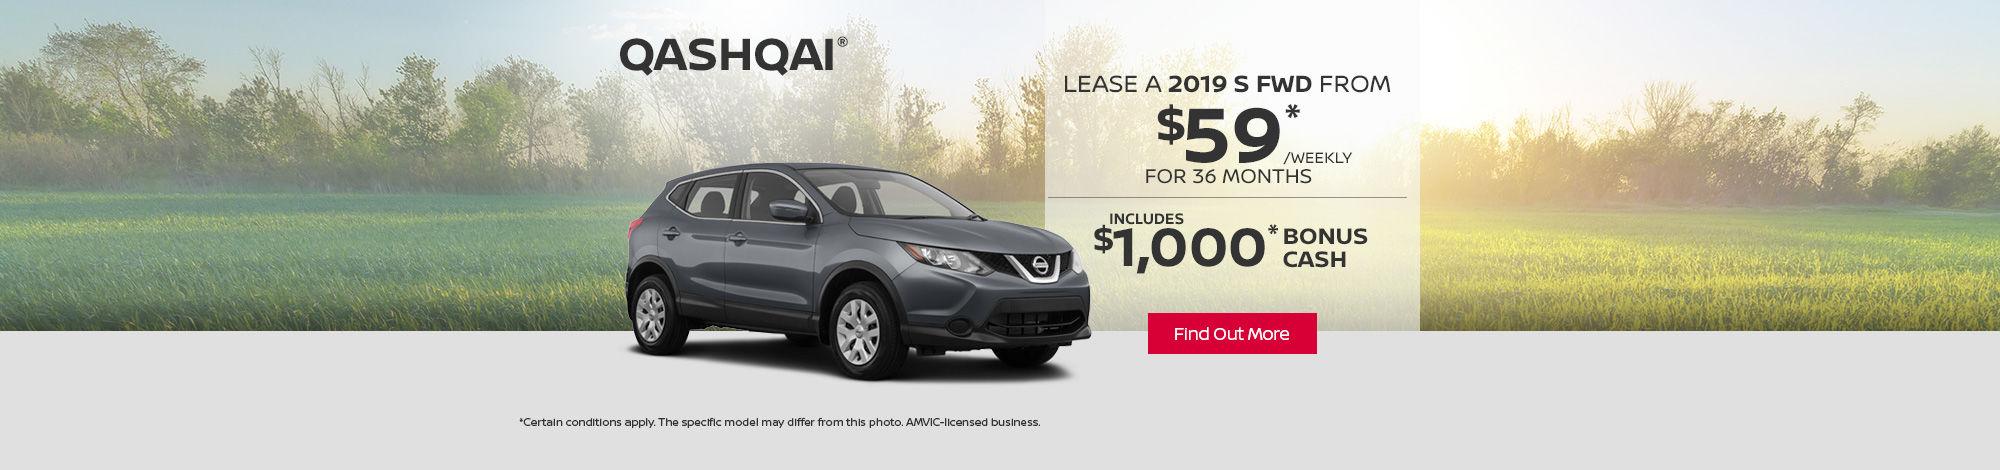 2019 Nissan Qashqai Header - desktop